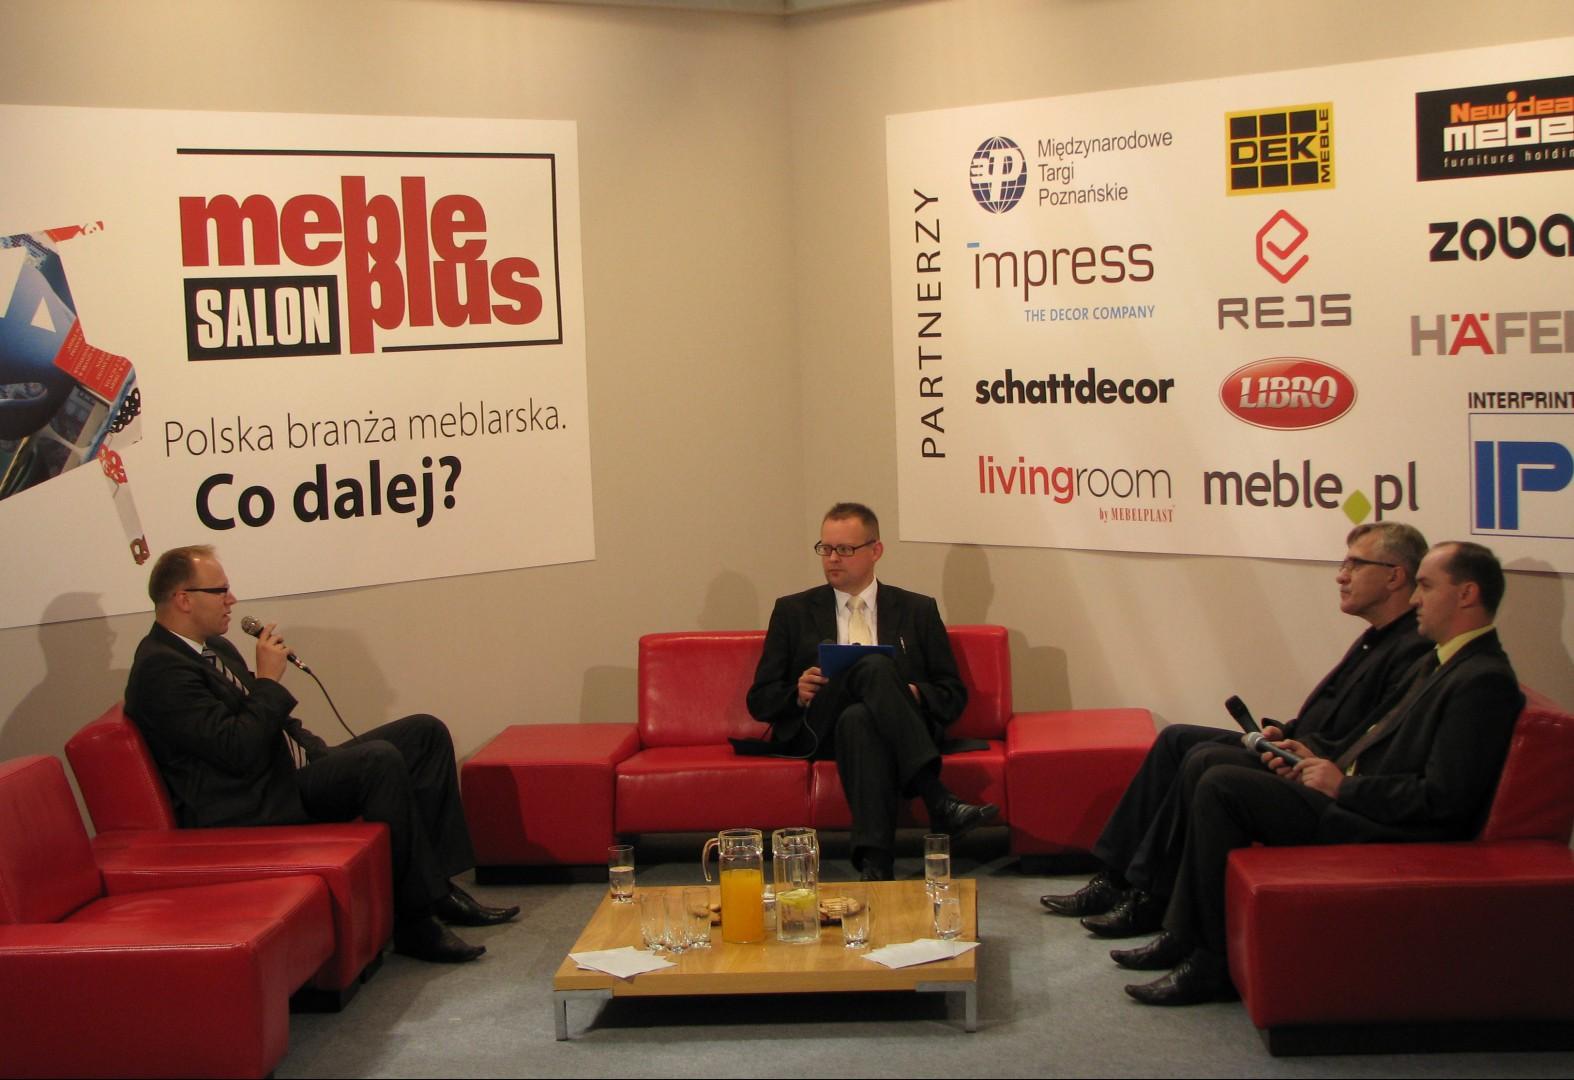 """Czwartkowa dyskusja o branży meblowej, która odbyła się na ekspozycji miesięcznika """"Meble Plus"""", podczas targów """"Meble 2009"""" w Poznaniu. Fot. archiwum"""